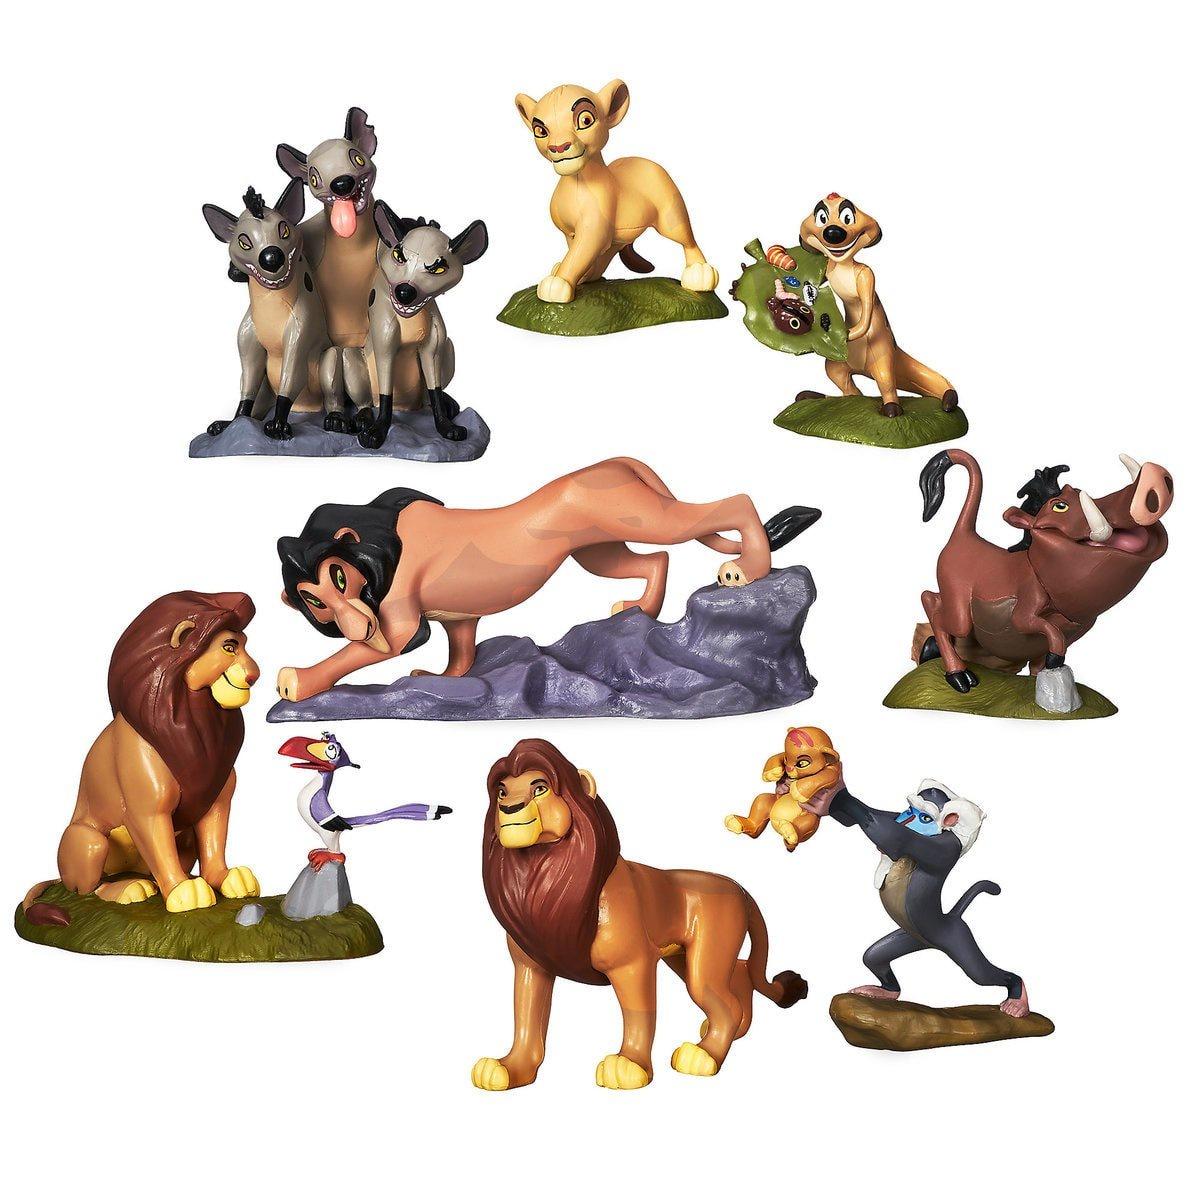 Игровой набор фигурок Дисней Король Лев Disney лев